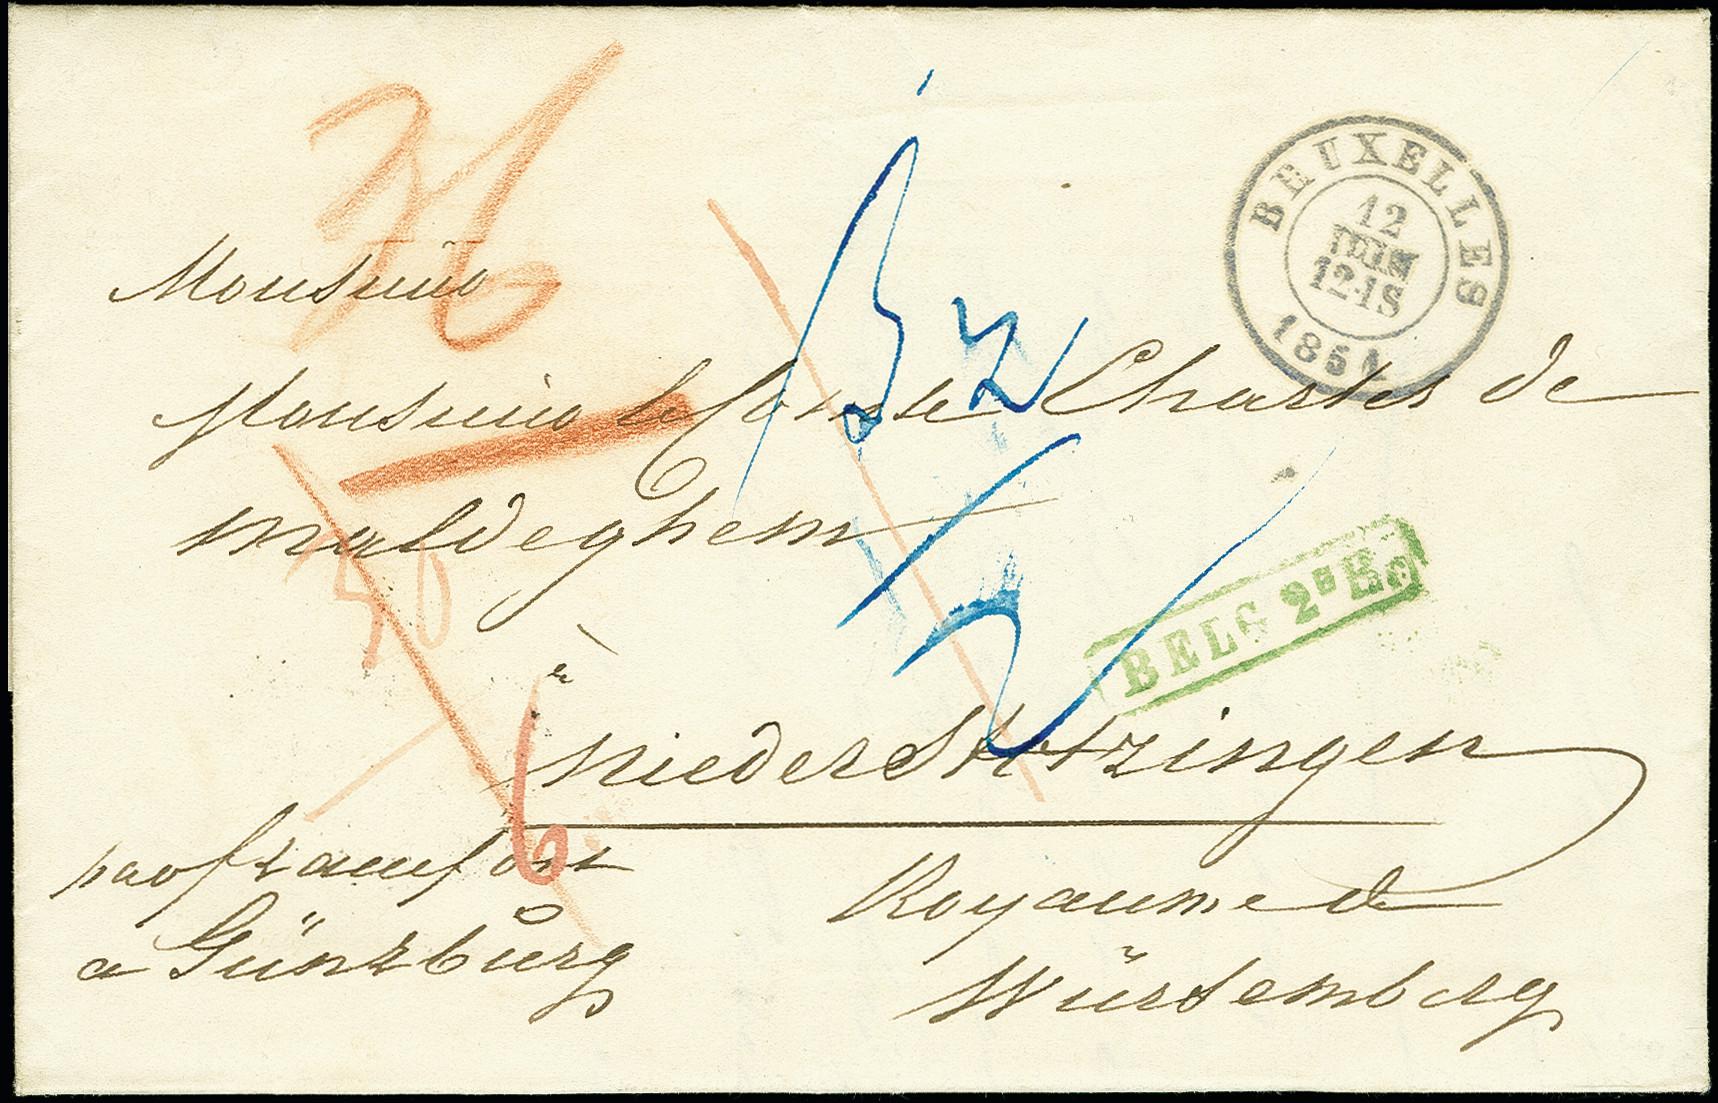 Lot 1138 - europa Belgium -  Heinrich Koehler Auktionen 375rd Heinrich Köhler auction - Day 1